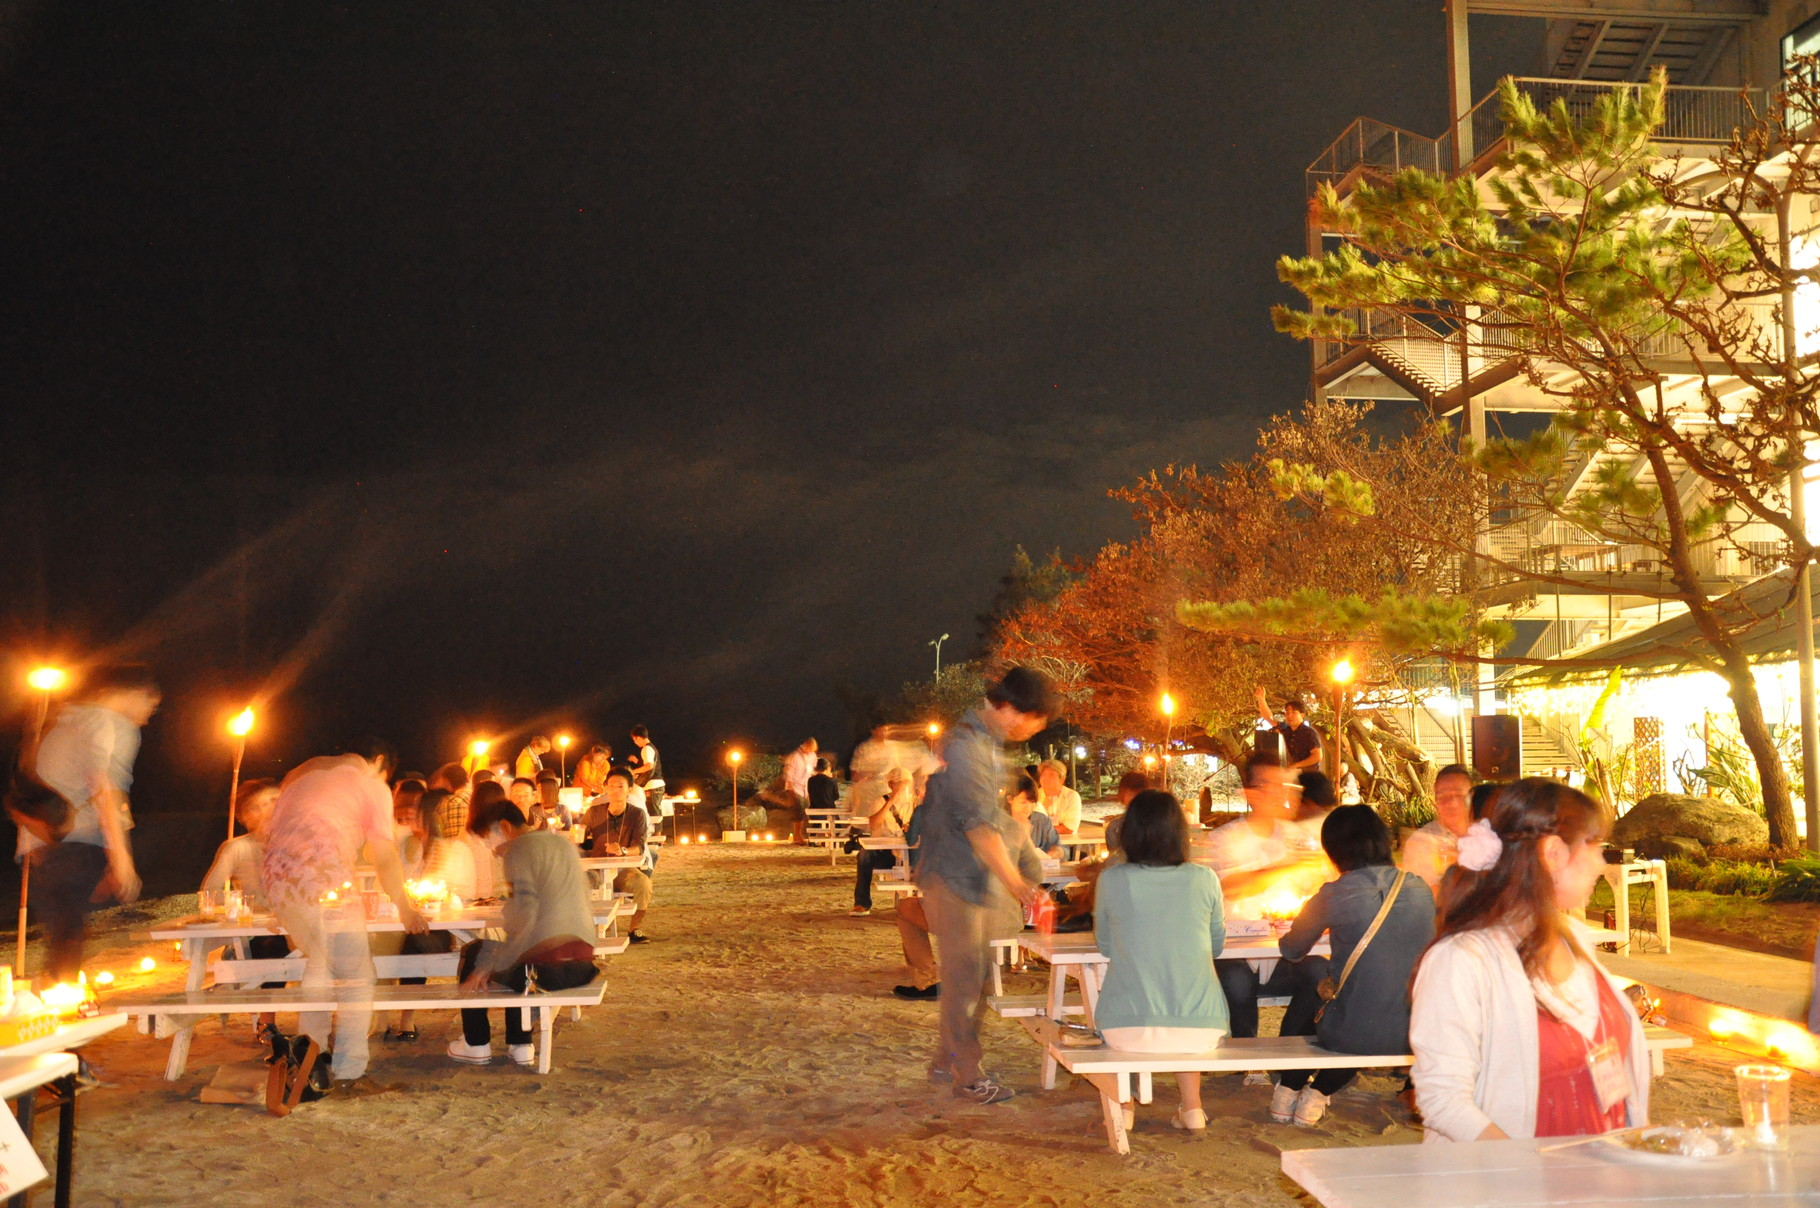 沖縄格安お見合いパーティー、沖縄格安婚活パーティー